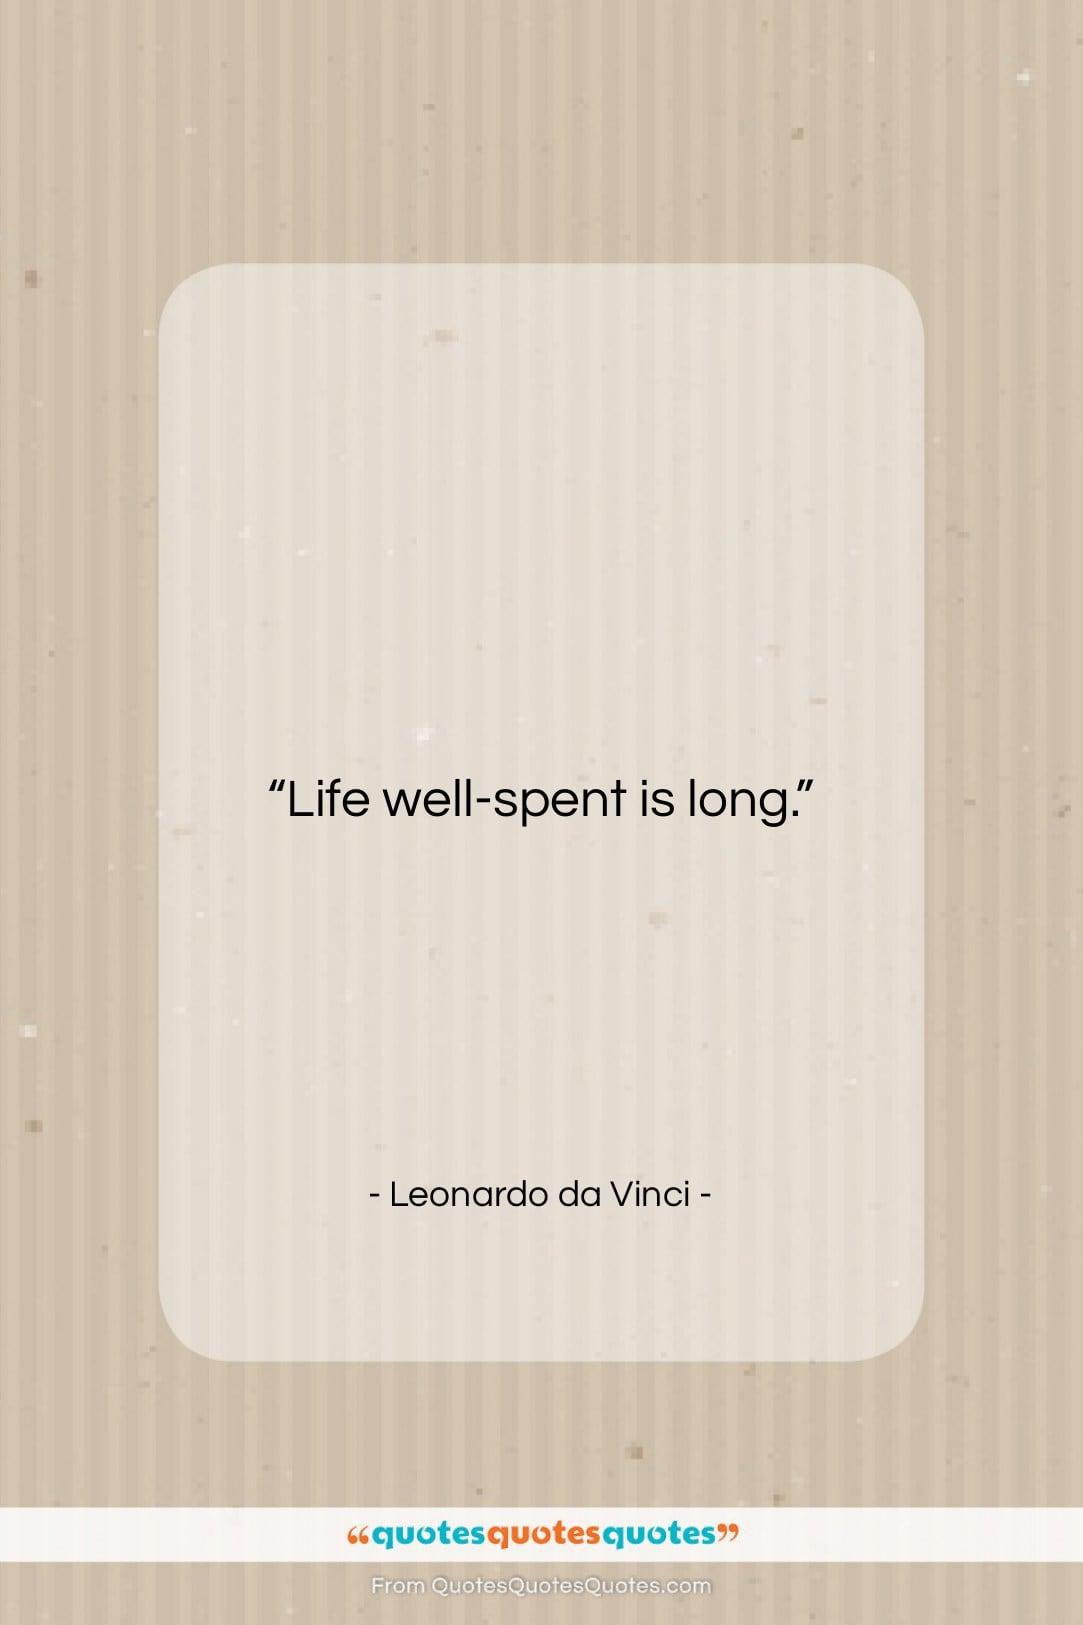 Get the whole Leonardo da Vinci quote: \